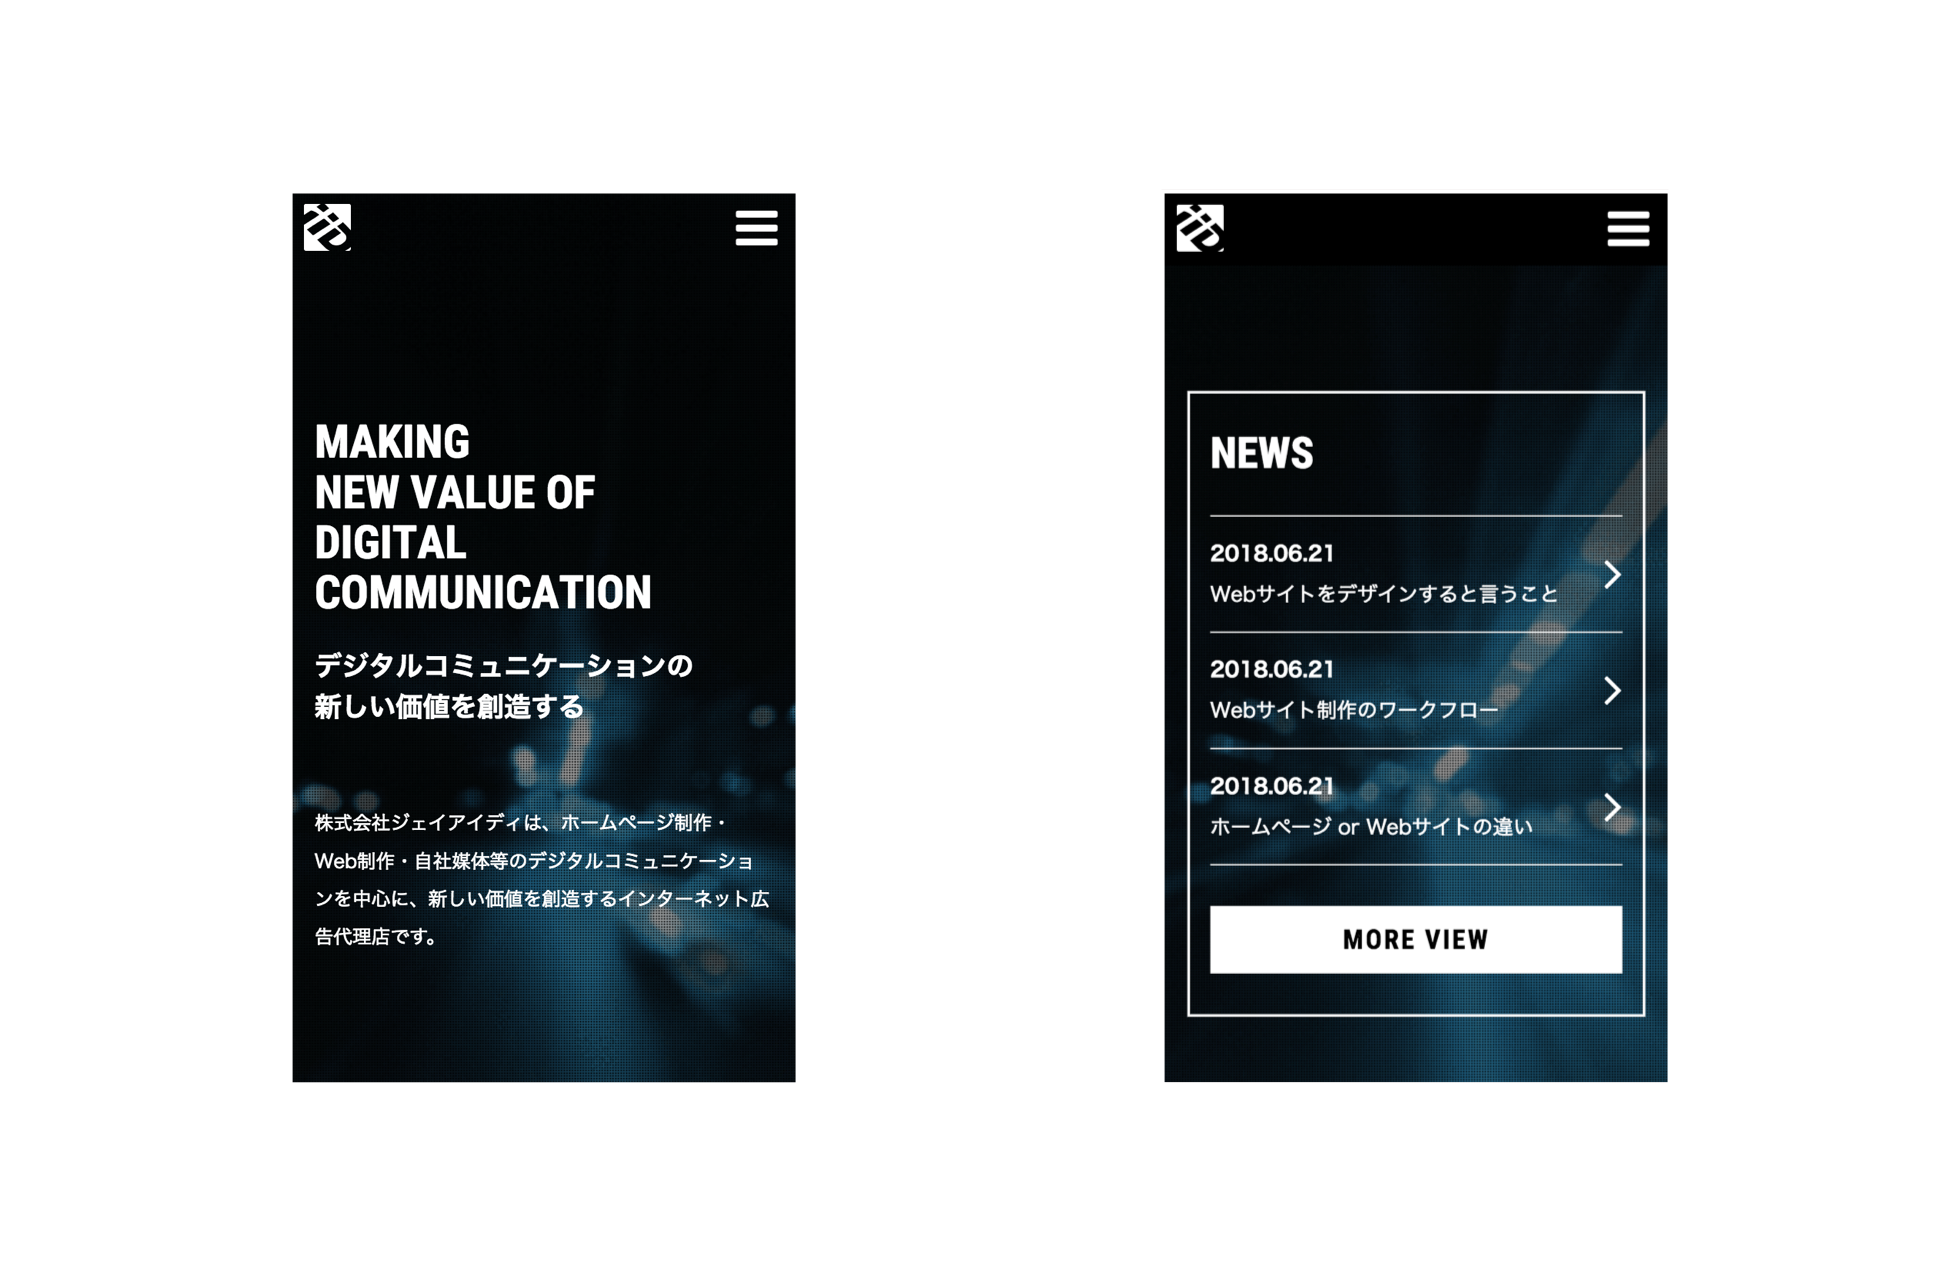 広告代理店コーポレートサイトのスマートフォン版のスクリーンショット